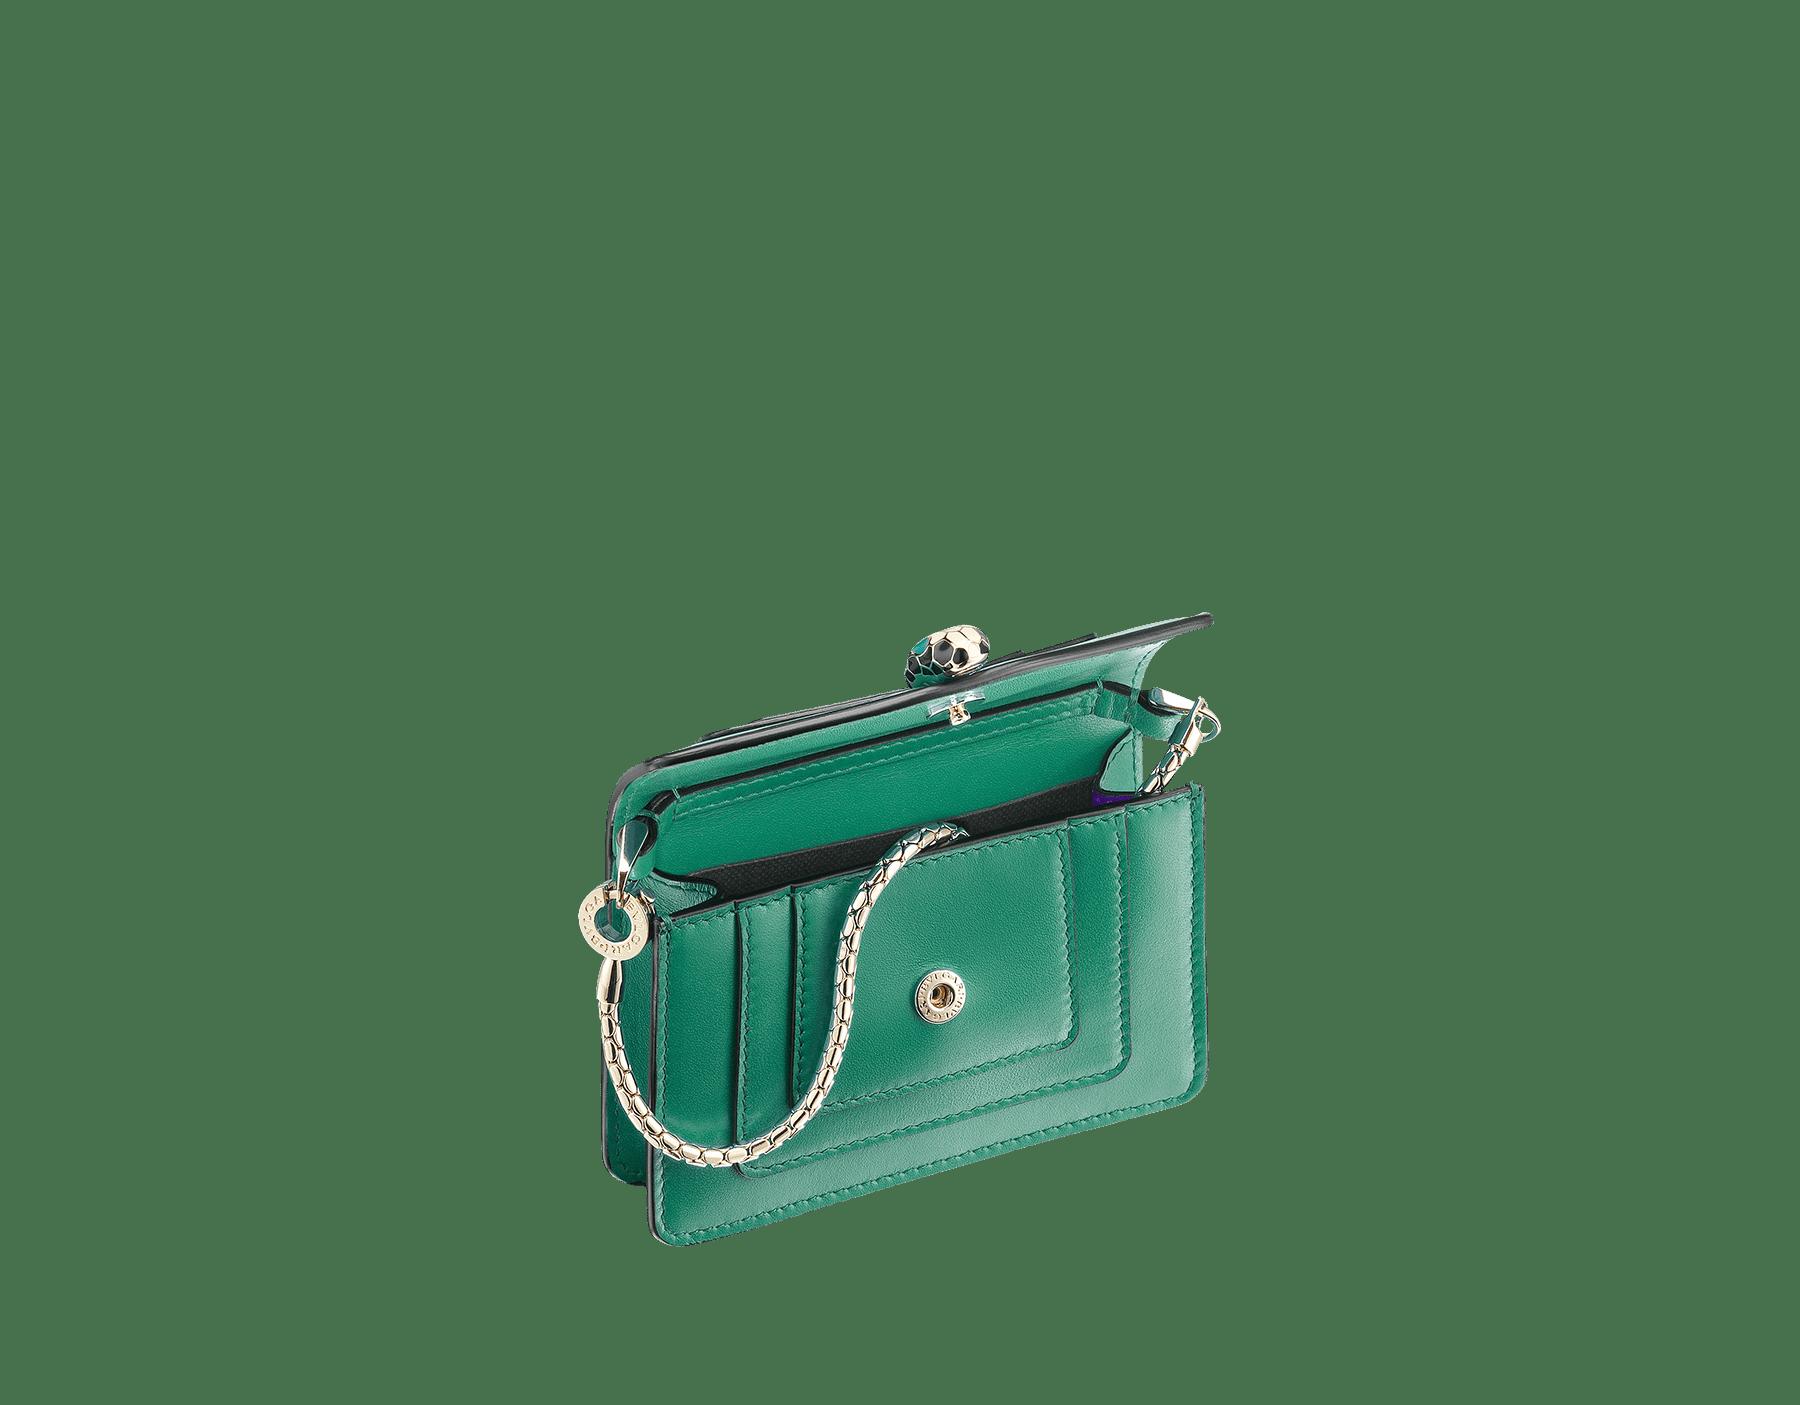 Bijou de sac Serpenti Forever miniature en cuir de veau vert émeraude et doublure en cuir de veau violet améthyste. 283244 image 2